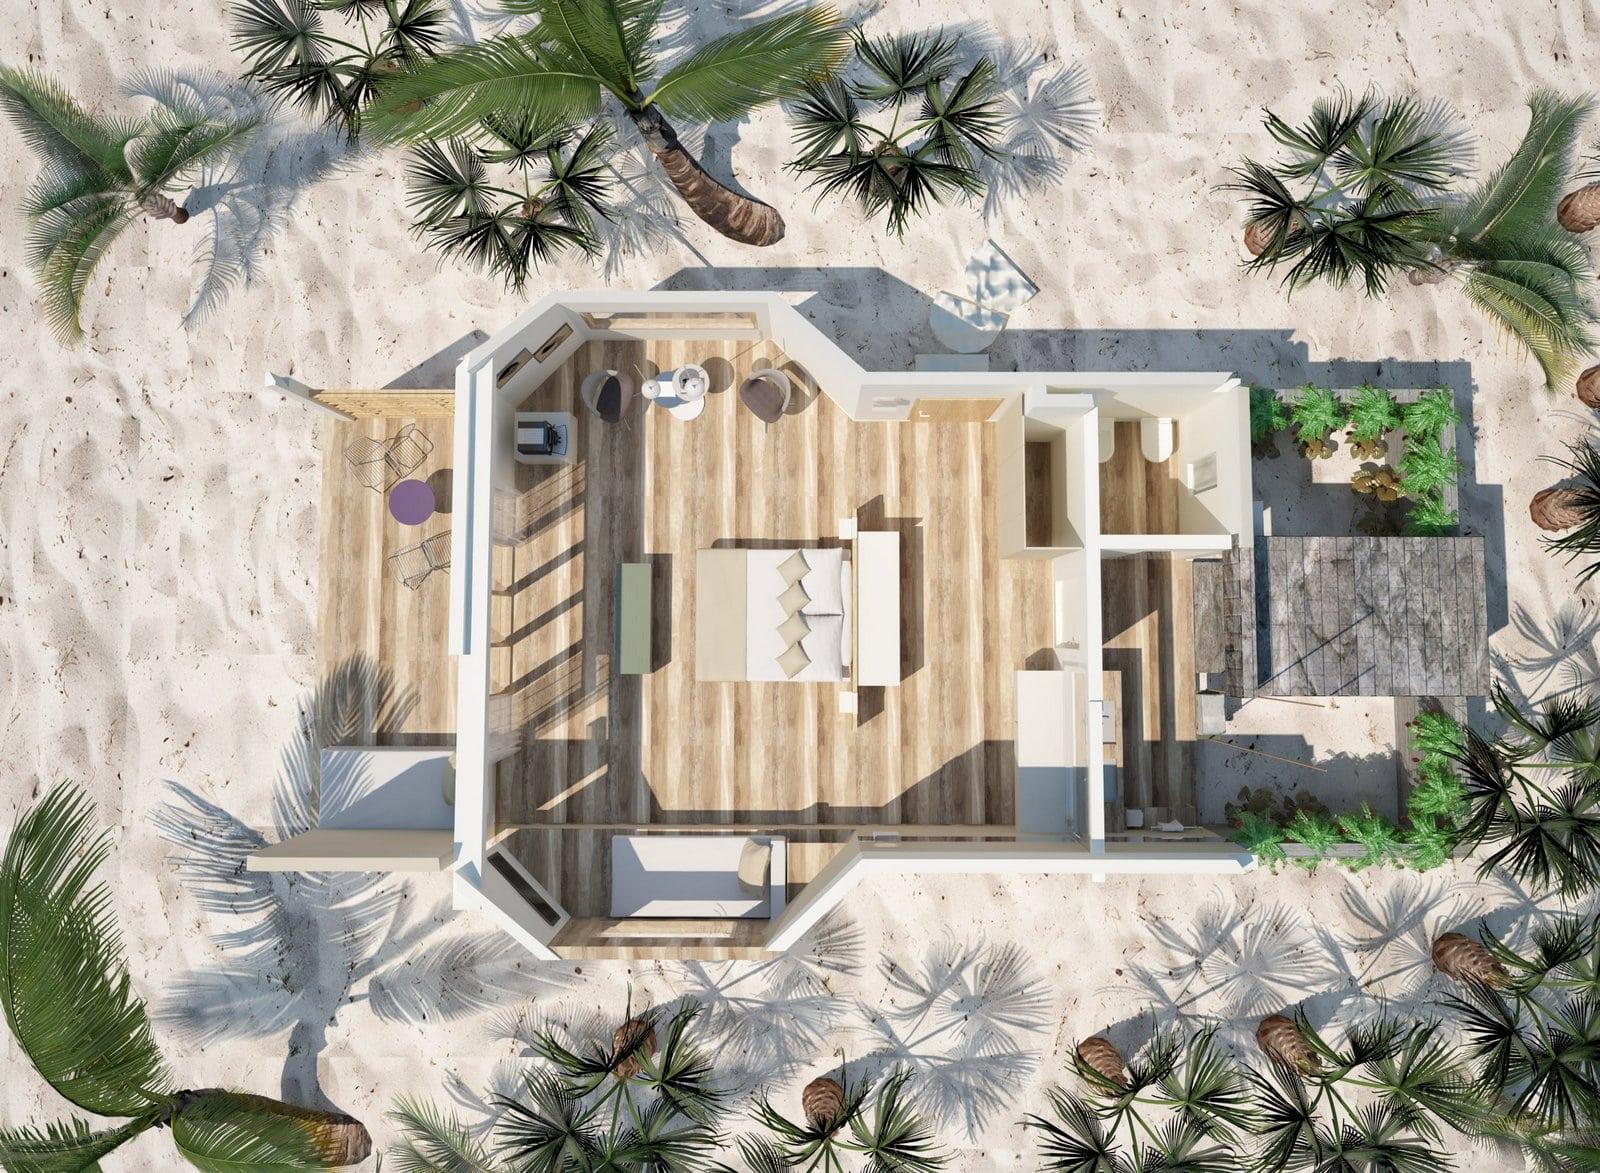 Мальдивы, отель Cocoon Maldives, план-схема номера Beach Suite